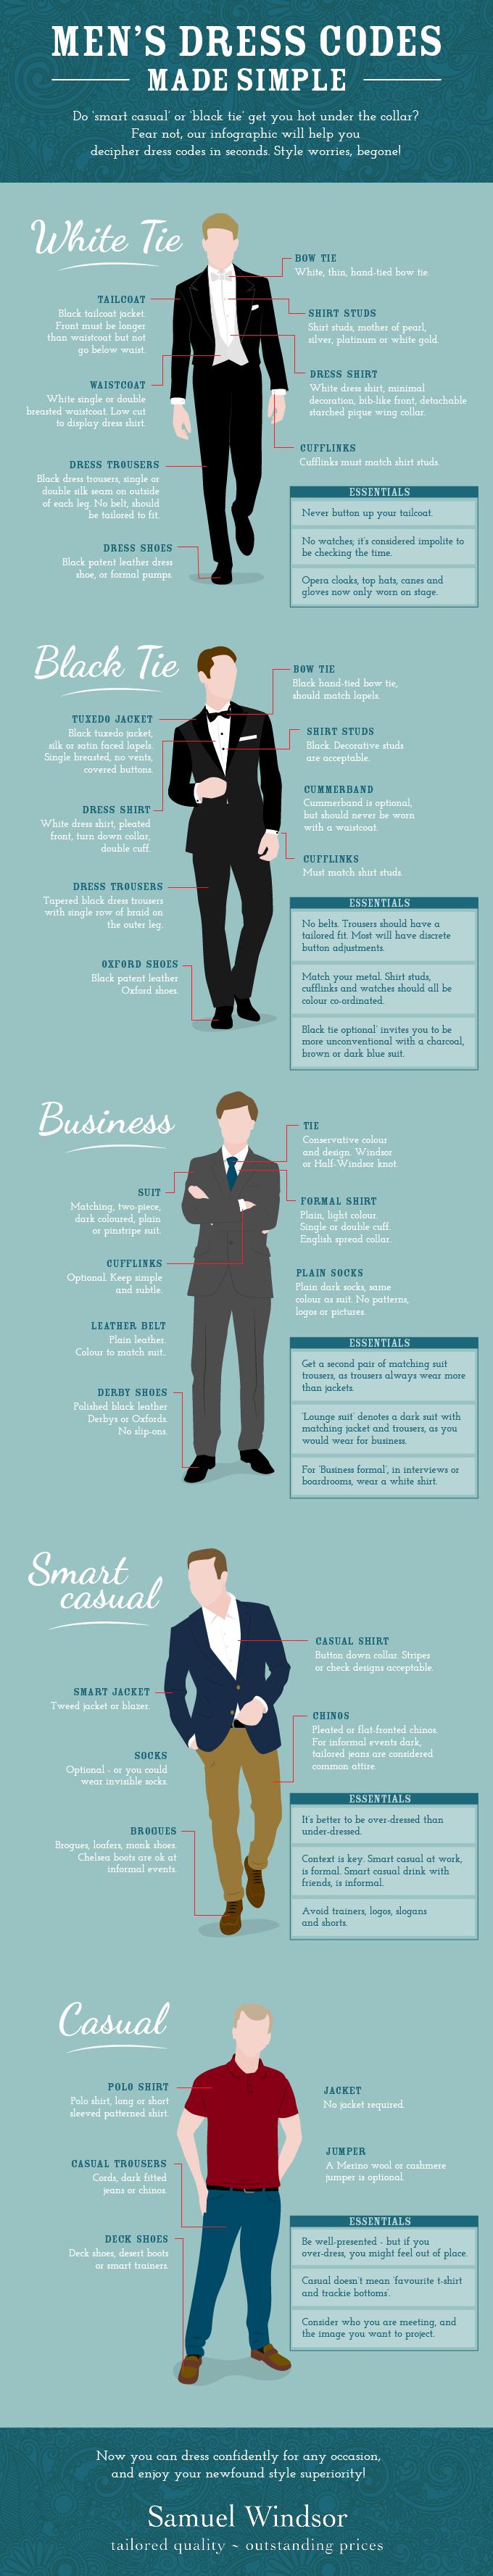 Beyond Black Tie | Black tie, Formal and Internet